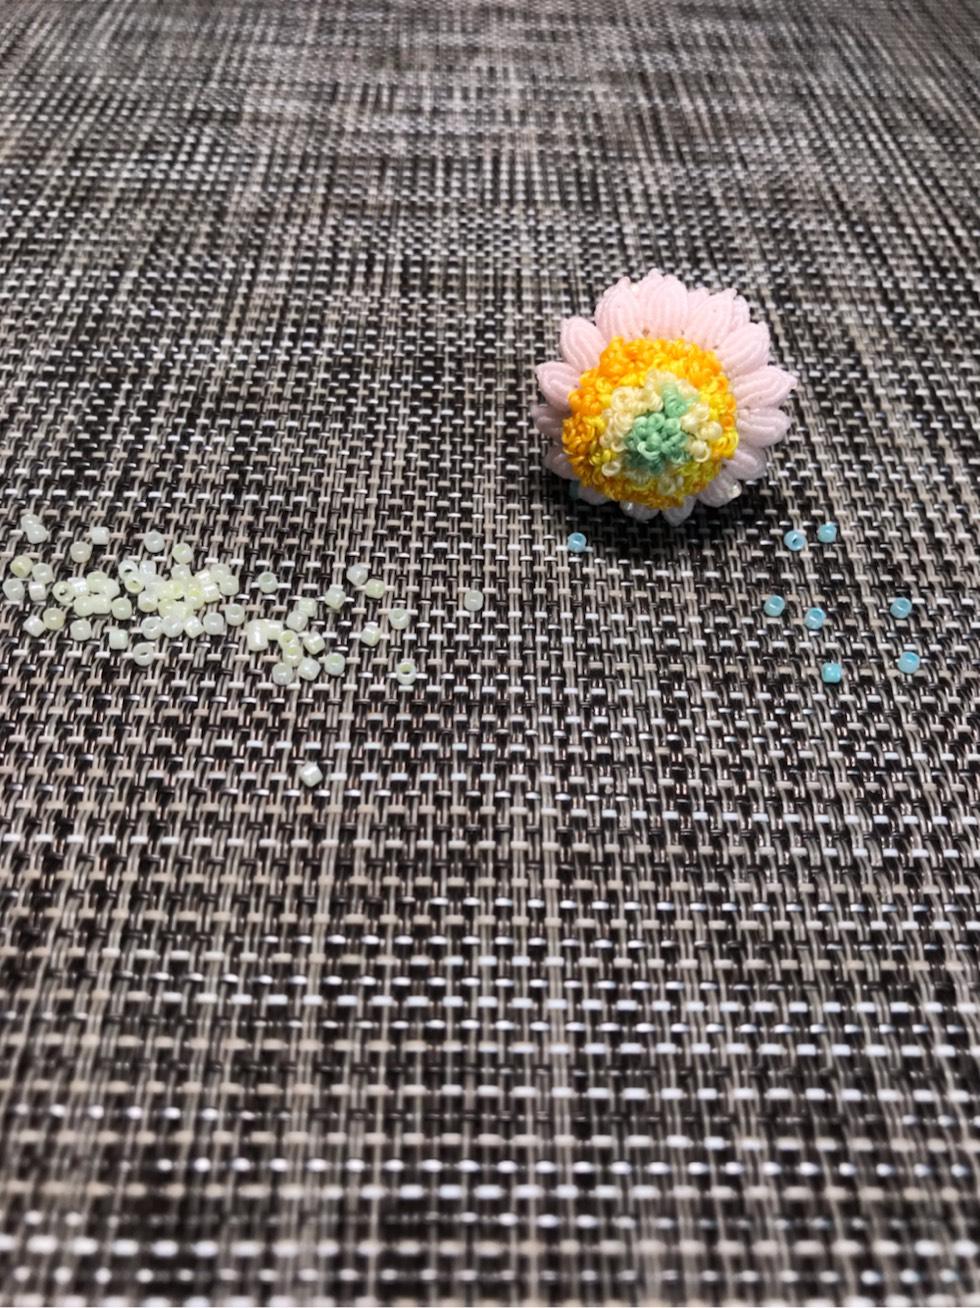 中国结论坛 奶油向日葵 向日葵奶油花做法,奶油向日葵鲜切花,向日葵裱花蛋糕,奶油向日葵别名,奶油向日葵养护 作品展示 221631t0uw4qow4ze4epcj